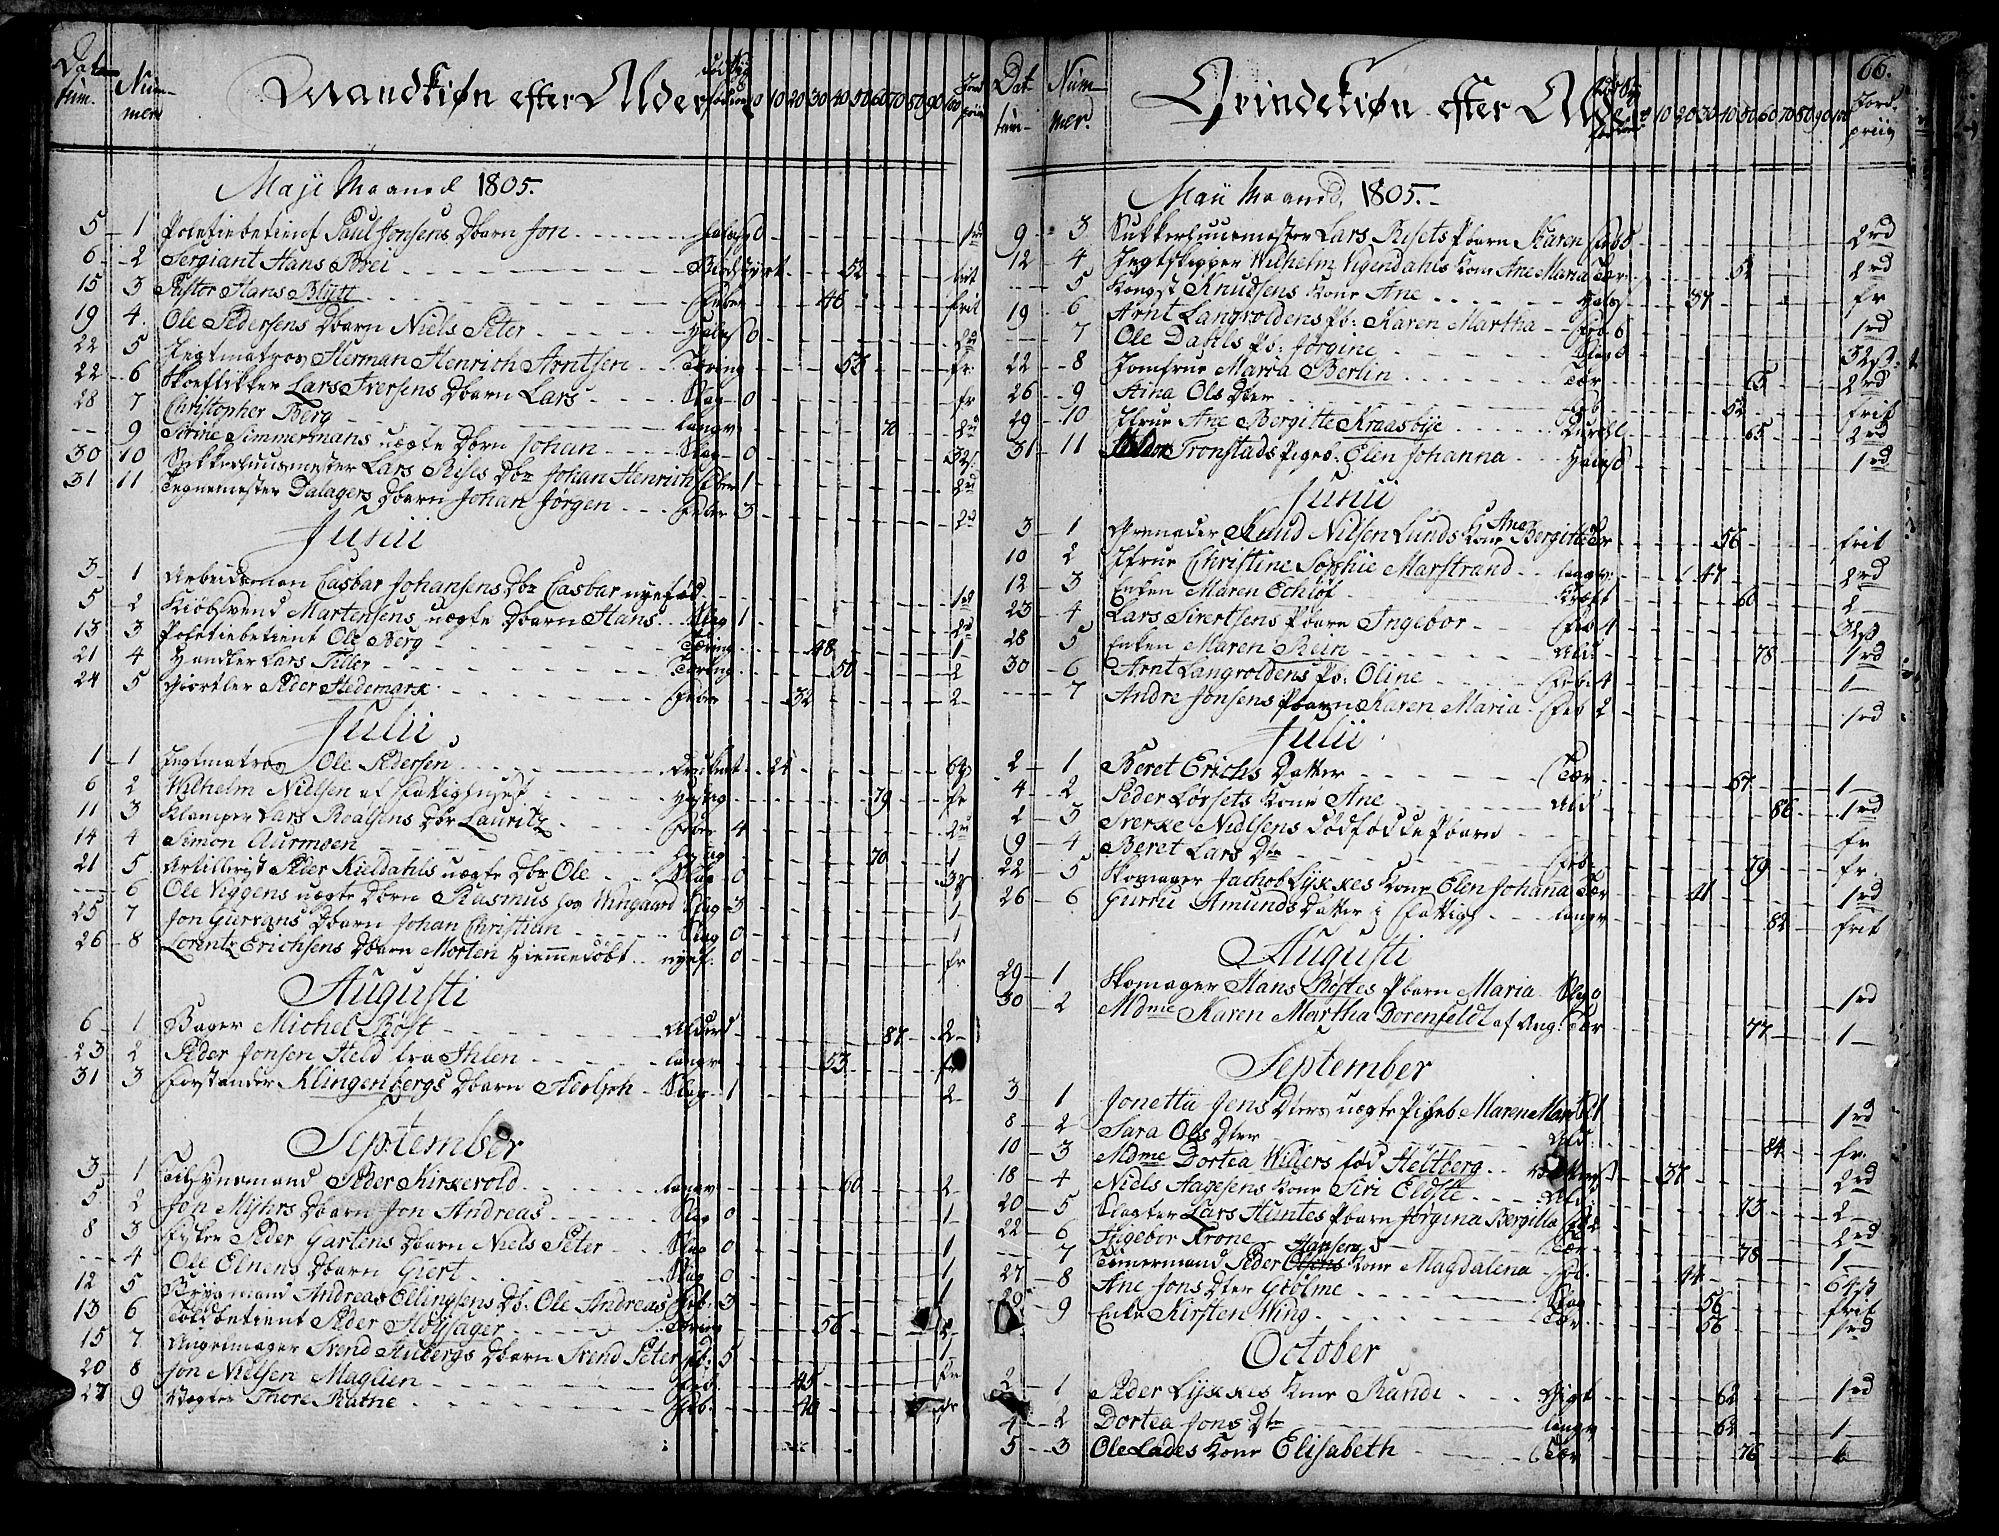 SAT, Ministerialprotokoller, klokkerbøker og fødselsregistre - Sør-Trøndelag, 601/L0040: Ministerialbok nr. 601A08, 1783-1818, s. 66